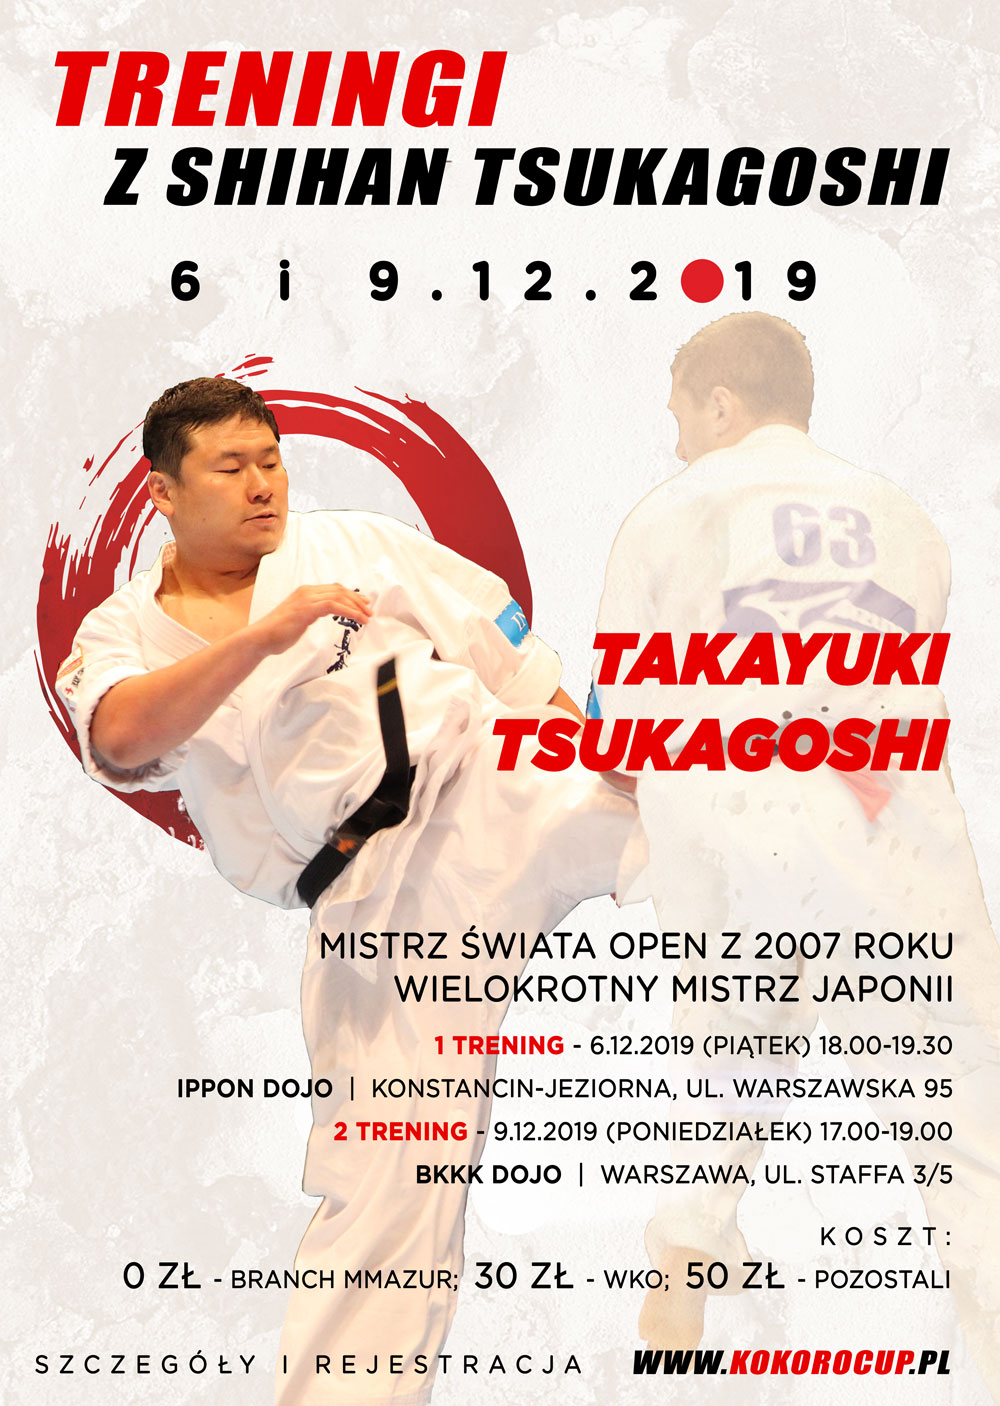 Treningi Tsukagoshi 2019